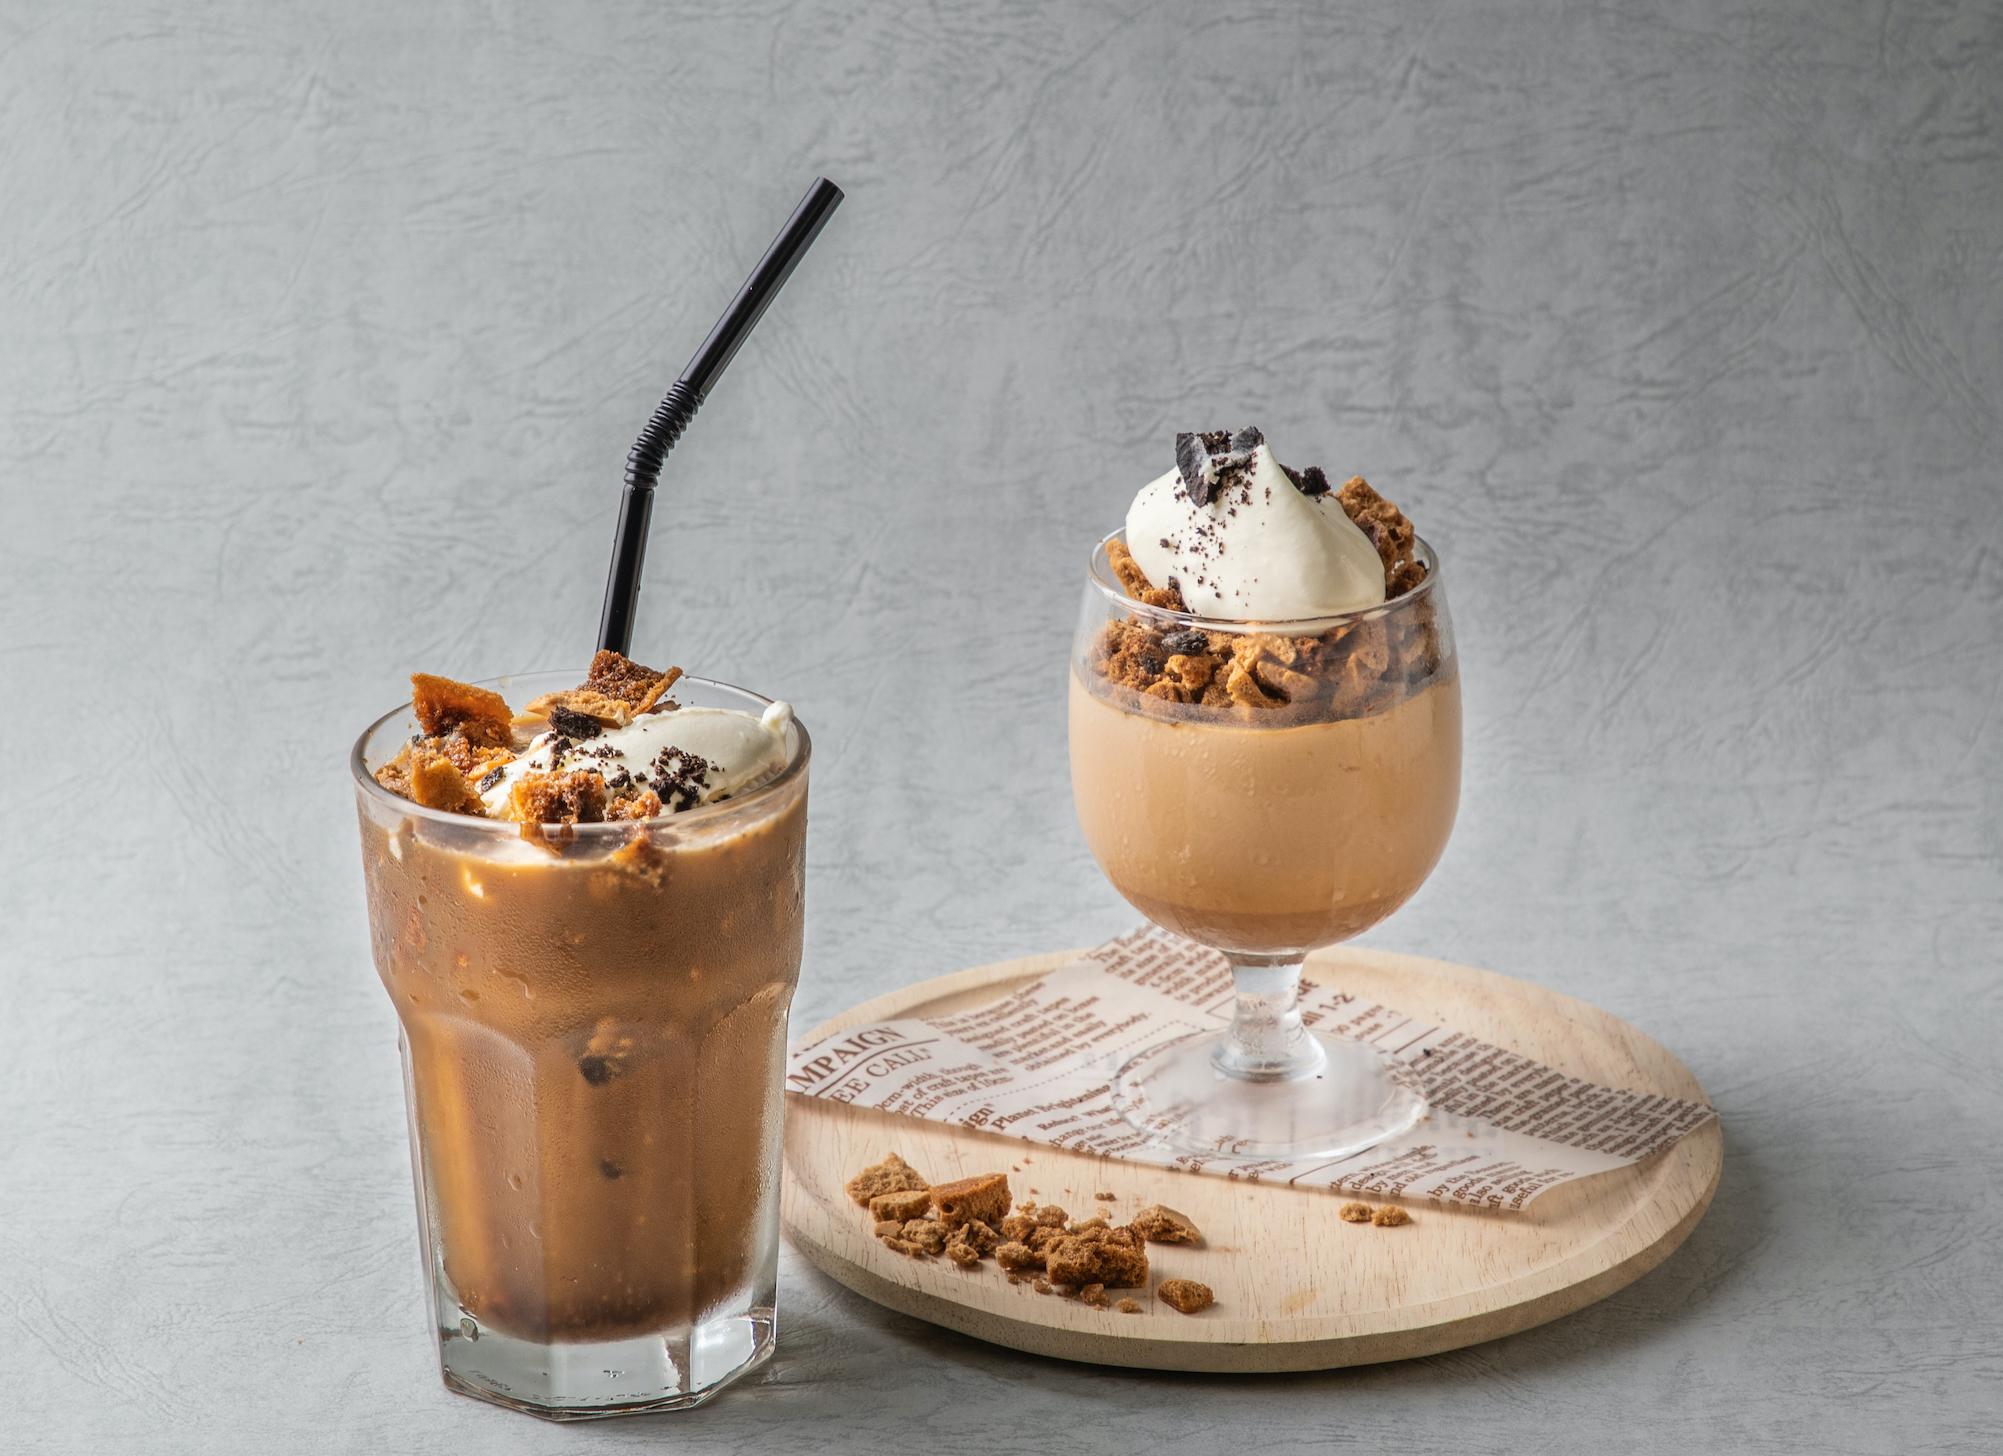 SNSで大人気の【ダルゴナコーヒー】がカフェメニューに!最新トレンドスイーツが瓦カフェ9店舗で2020年9月10日からスタート